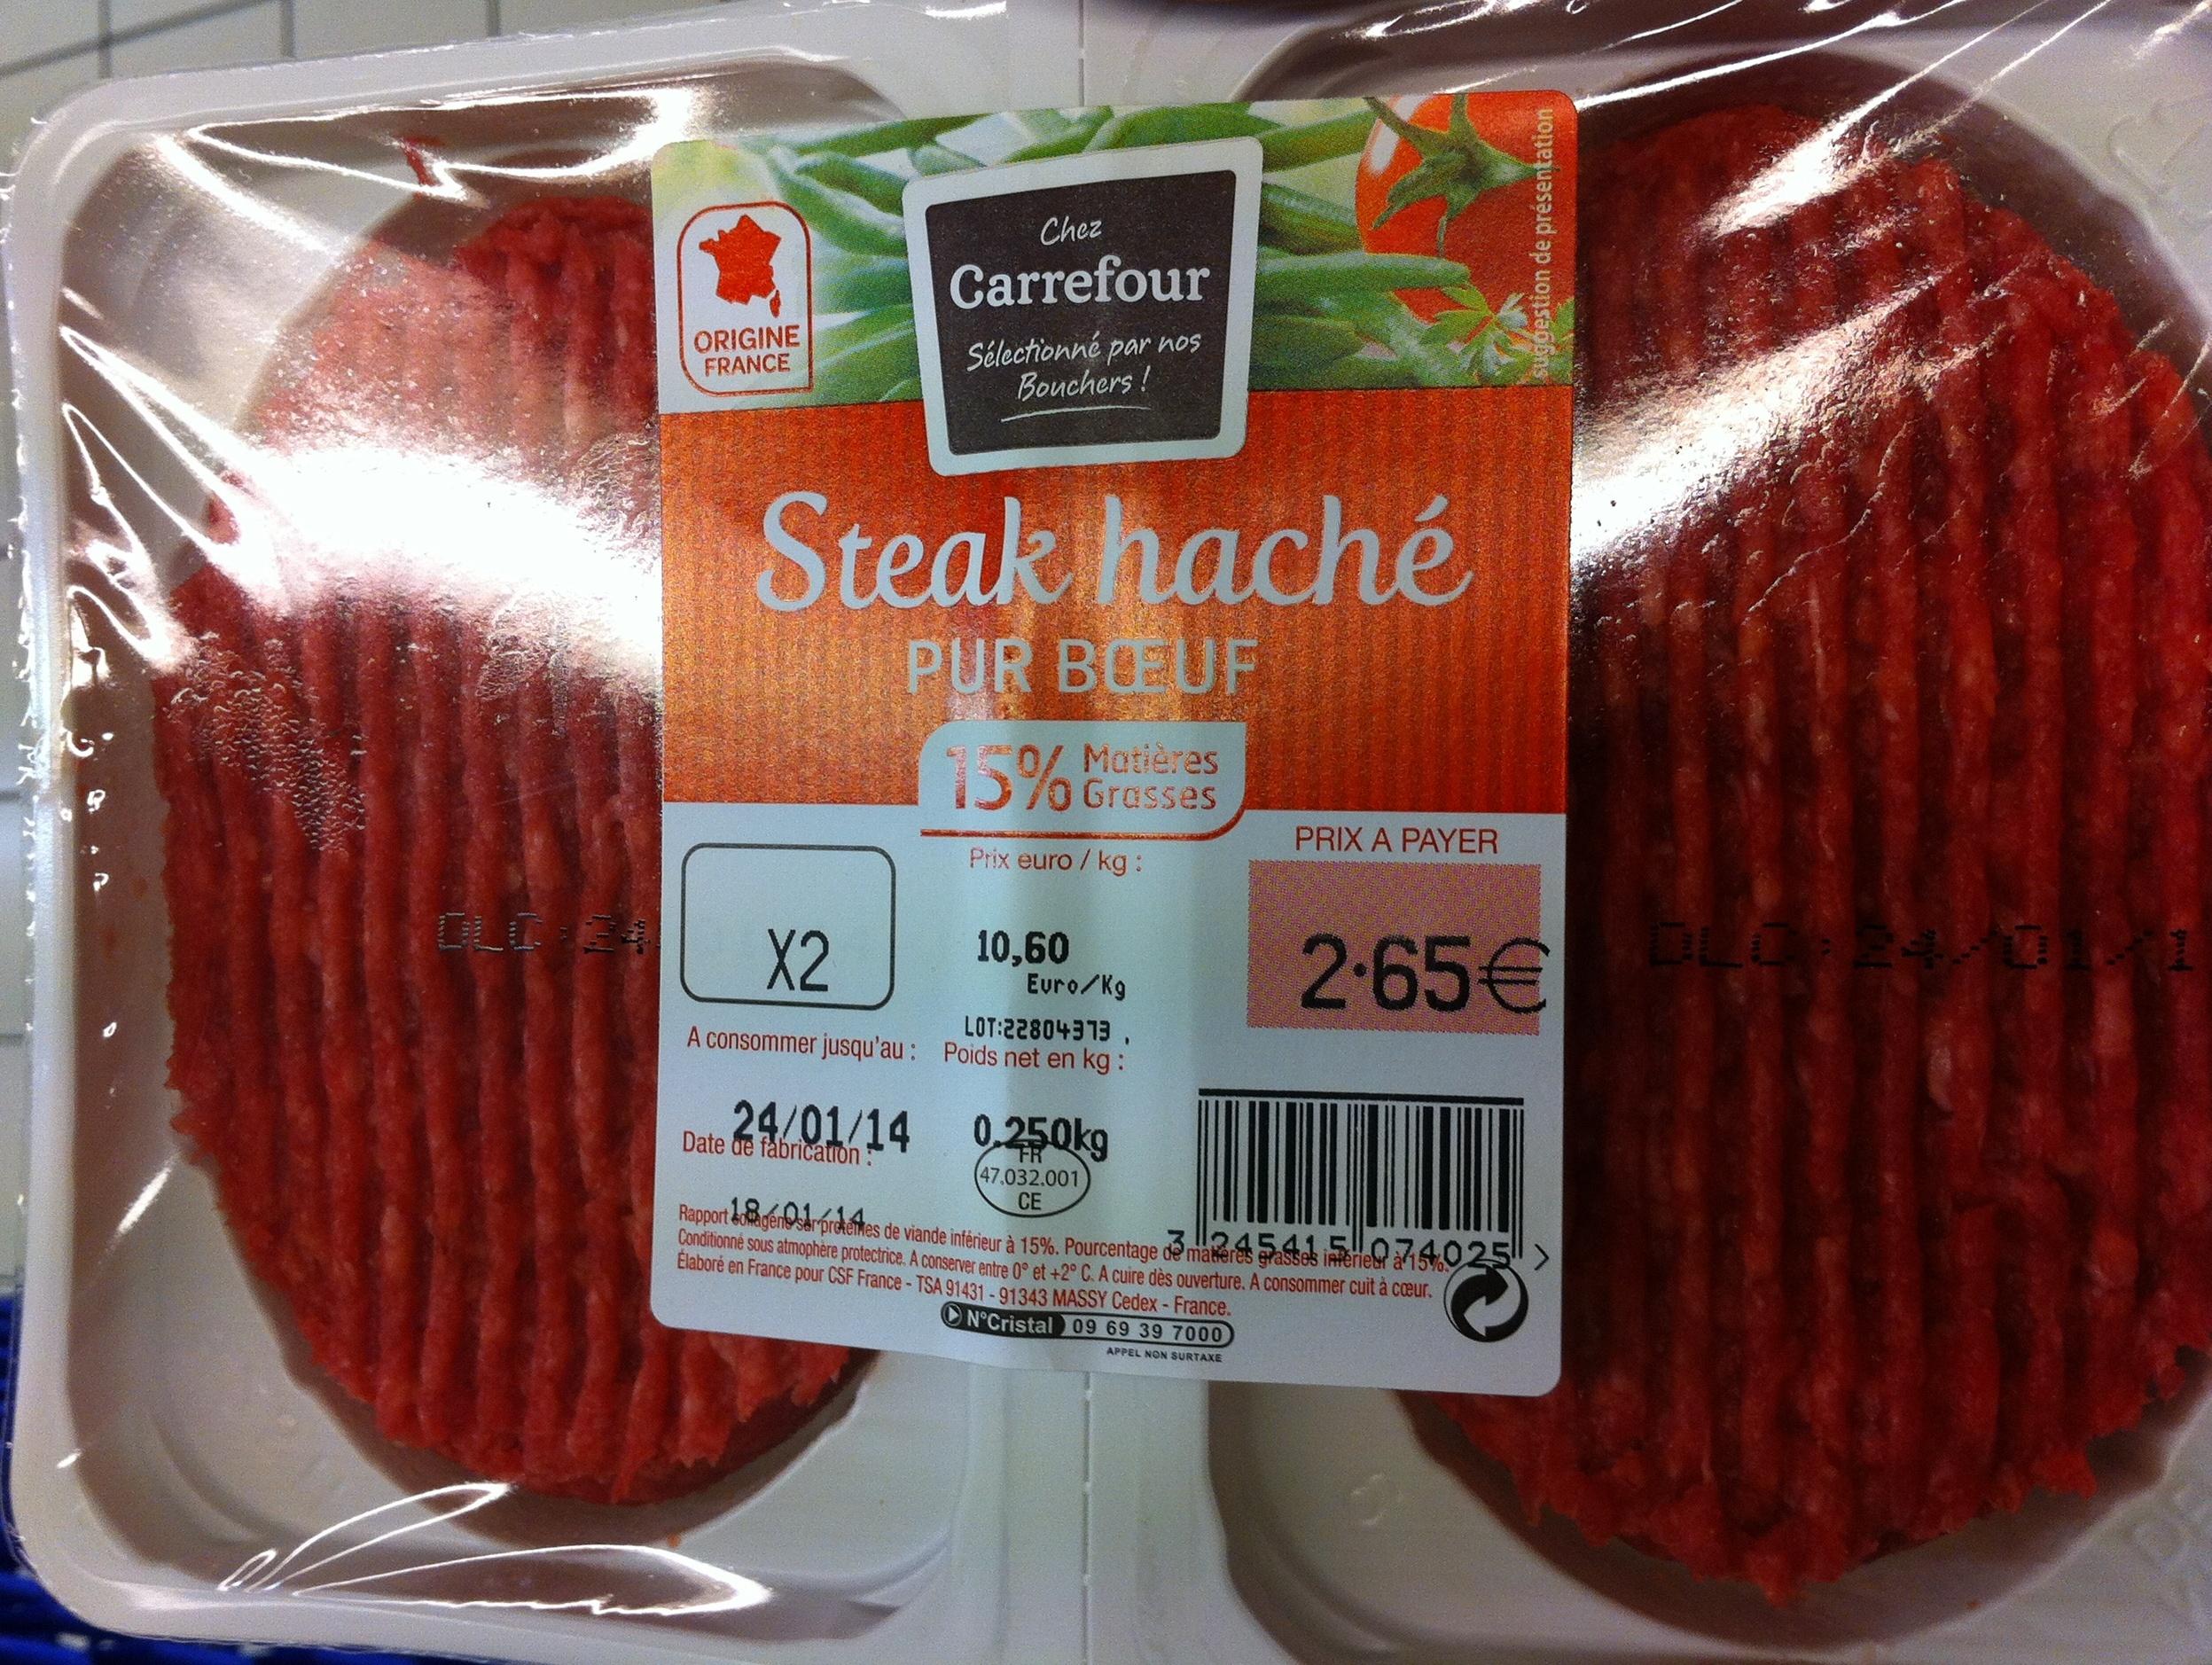 Steak haché (x 2), Pur Bœuf (15 % MG) - Product - fr